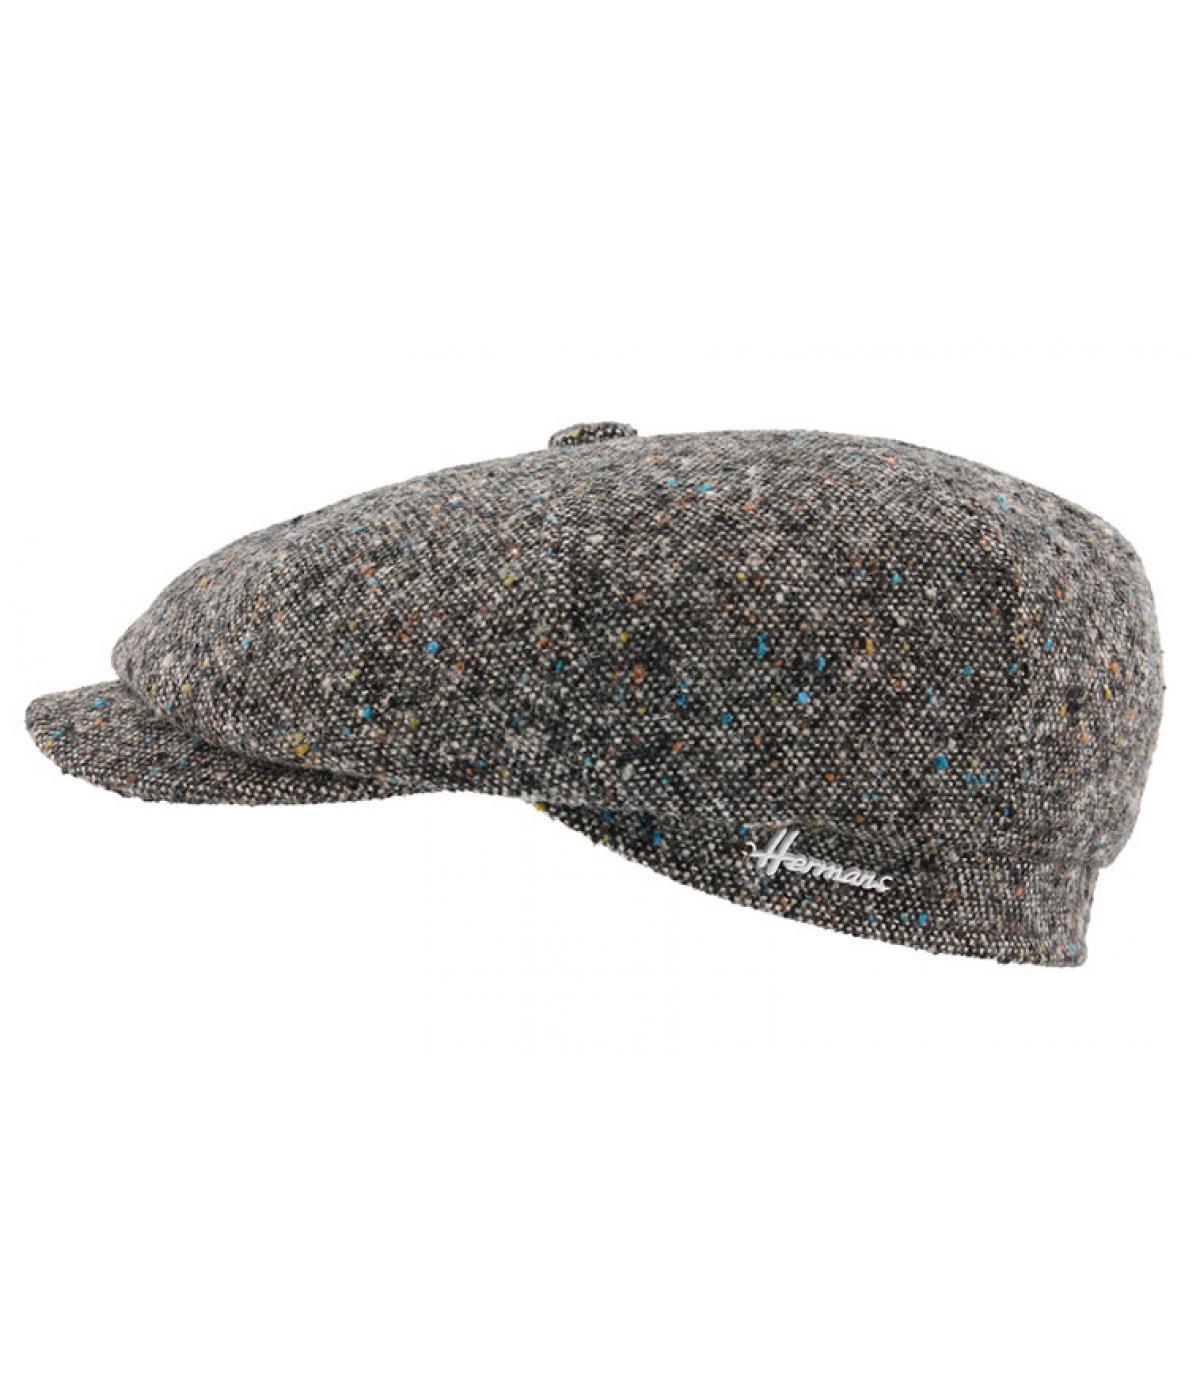 Details Advancer Dot Wool grey - afbeeling 2